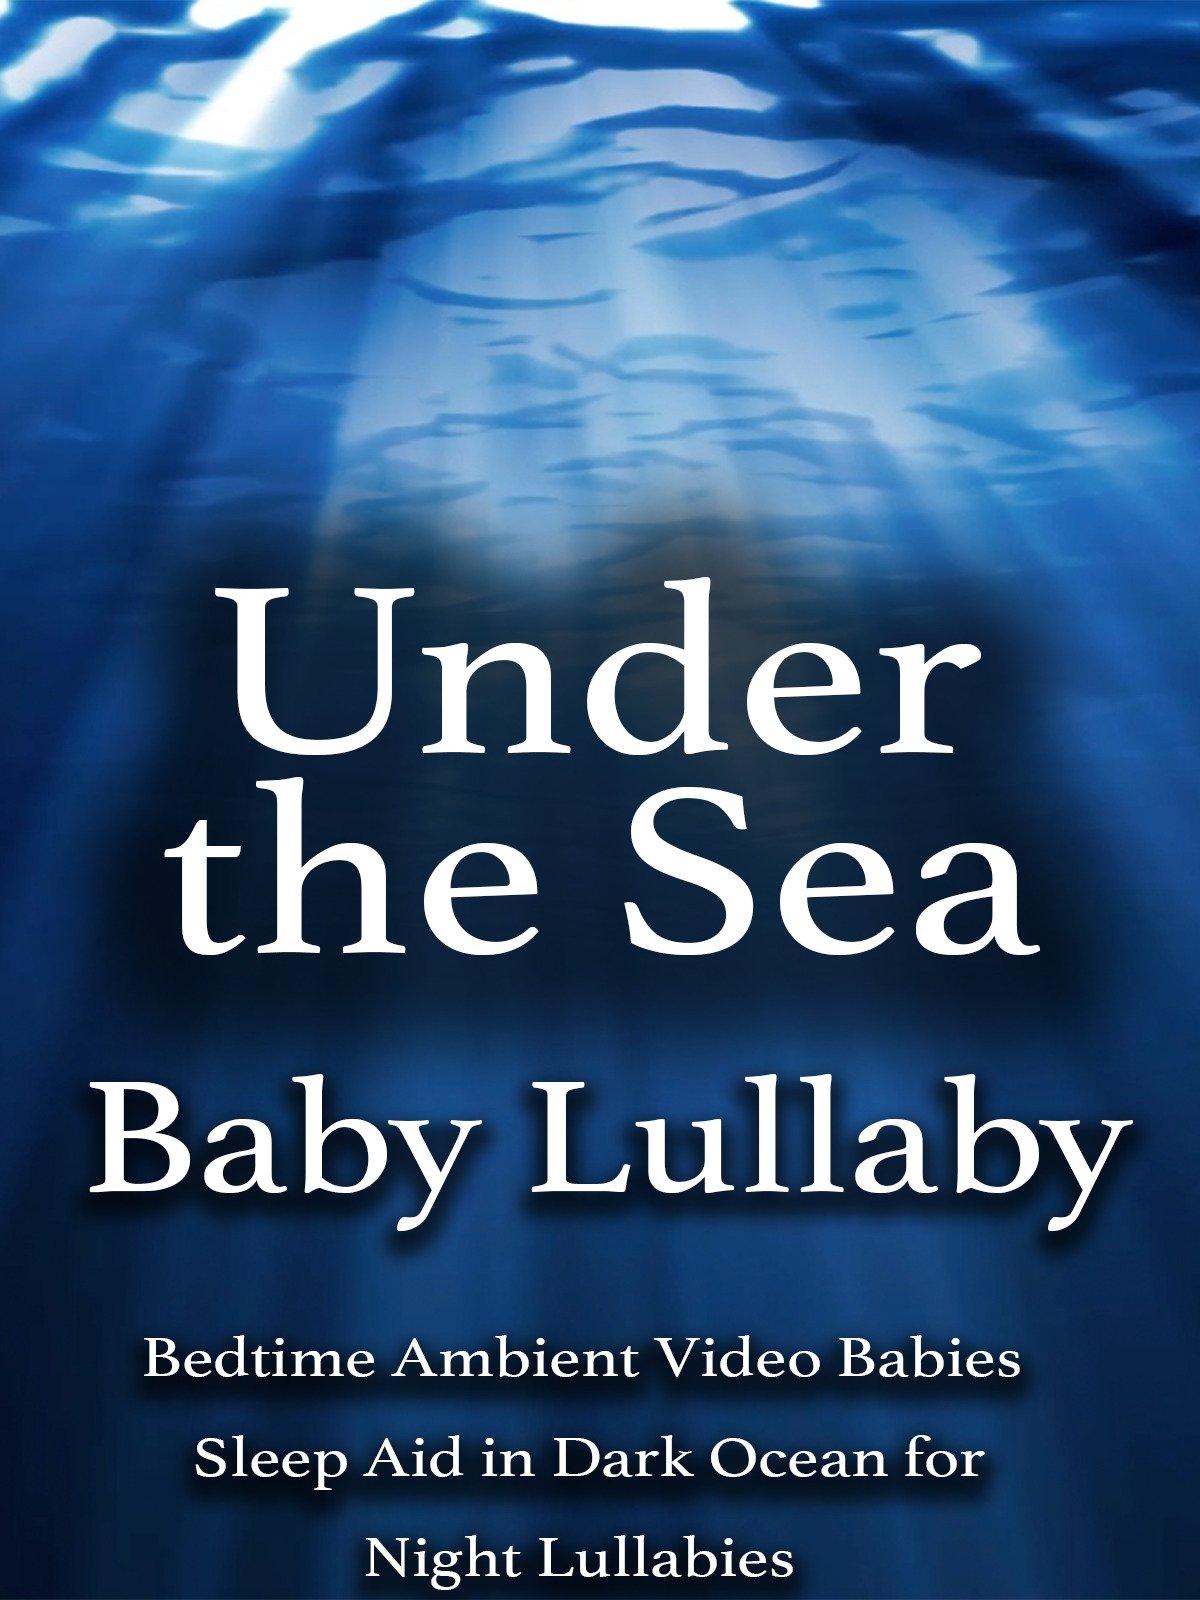 Under the Sea Baby Lullaby Bedtime Ambient Video Babies Sleep Aid in Dark Ocean for Night Lullabies